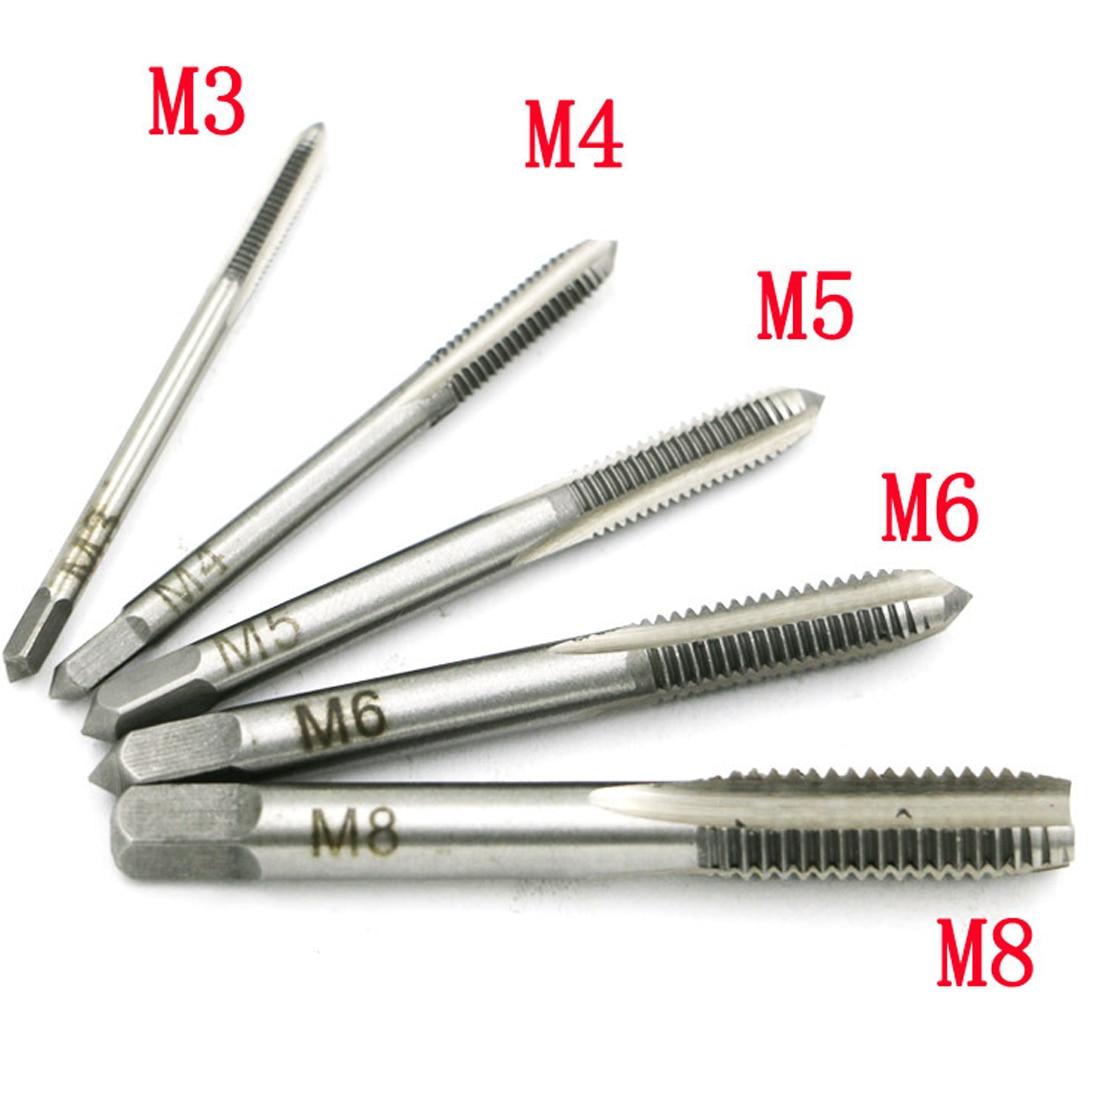 5PCS Screw Thread Tap Drill Bit HSS Metric Plug Hand Tapper Set M3/M4/M5/M6/M8 For Machine Tools